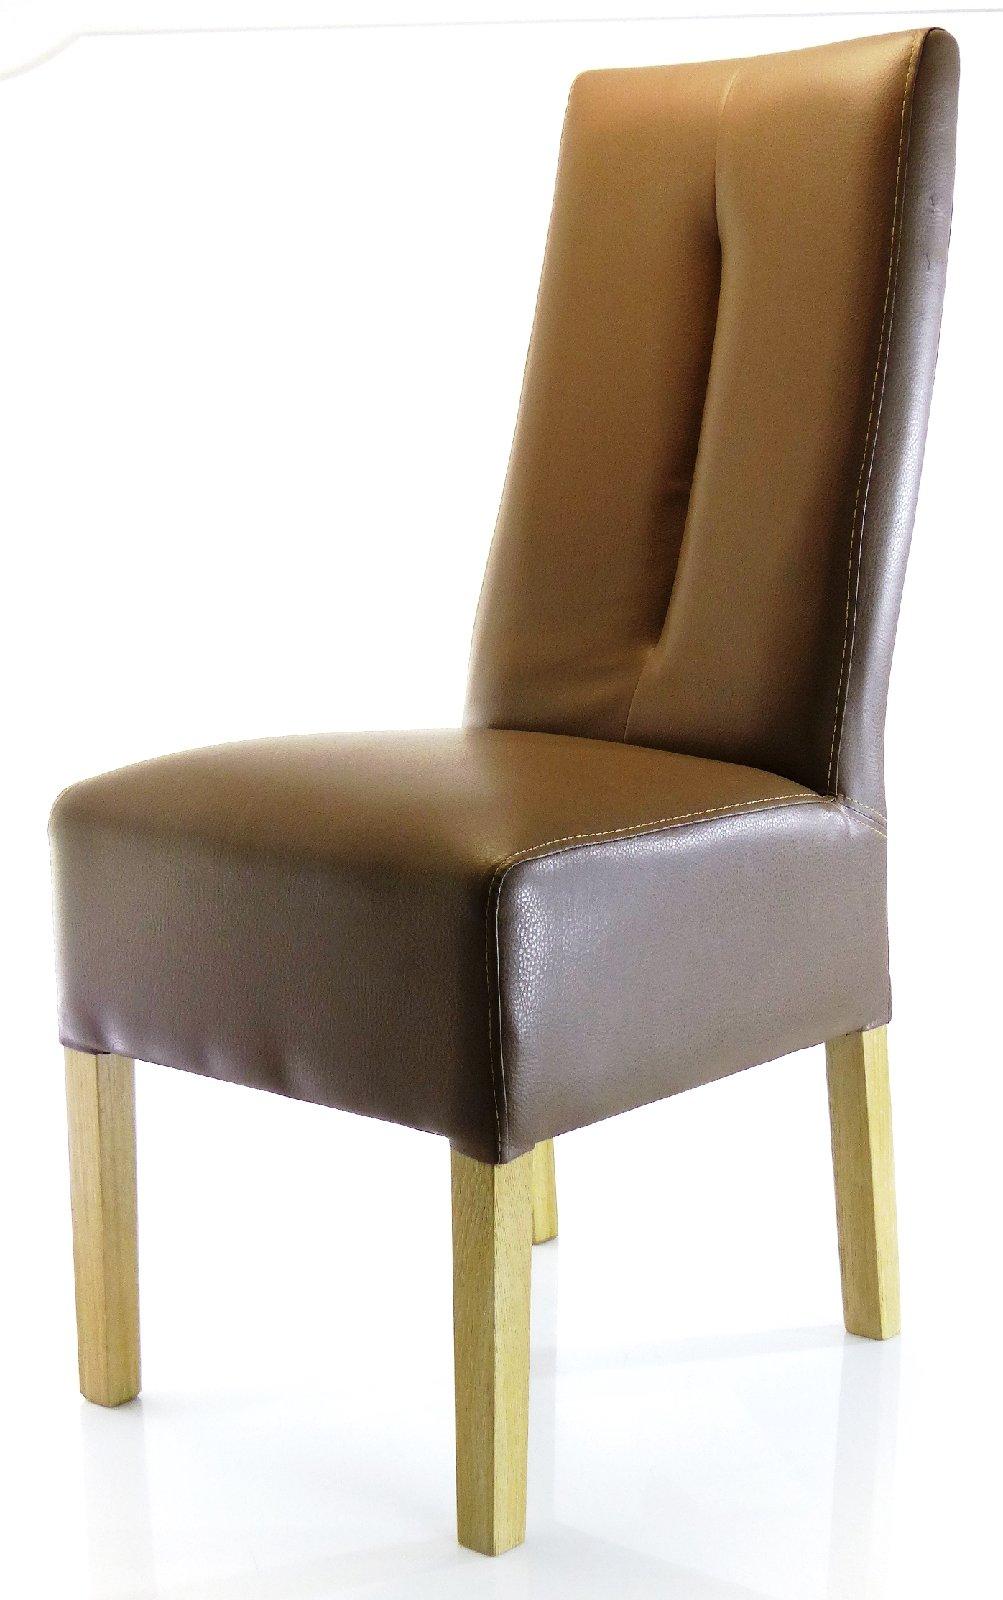 2er set polsterstuhl esszimmerstuhl fanny kunstlederstuhl esszimmer stuhl st hle ebay. Black Bedroom Furniture Sets. Home Design Ideas